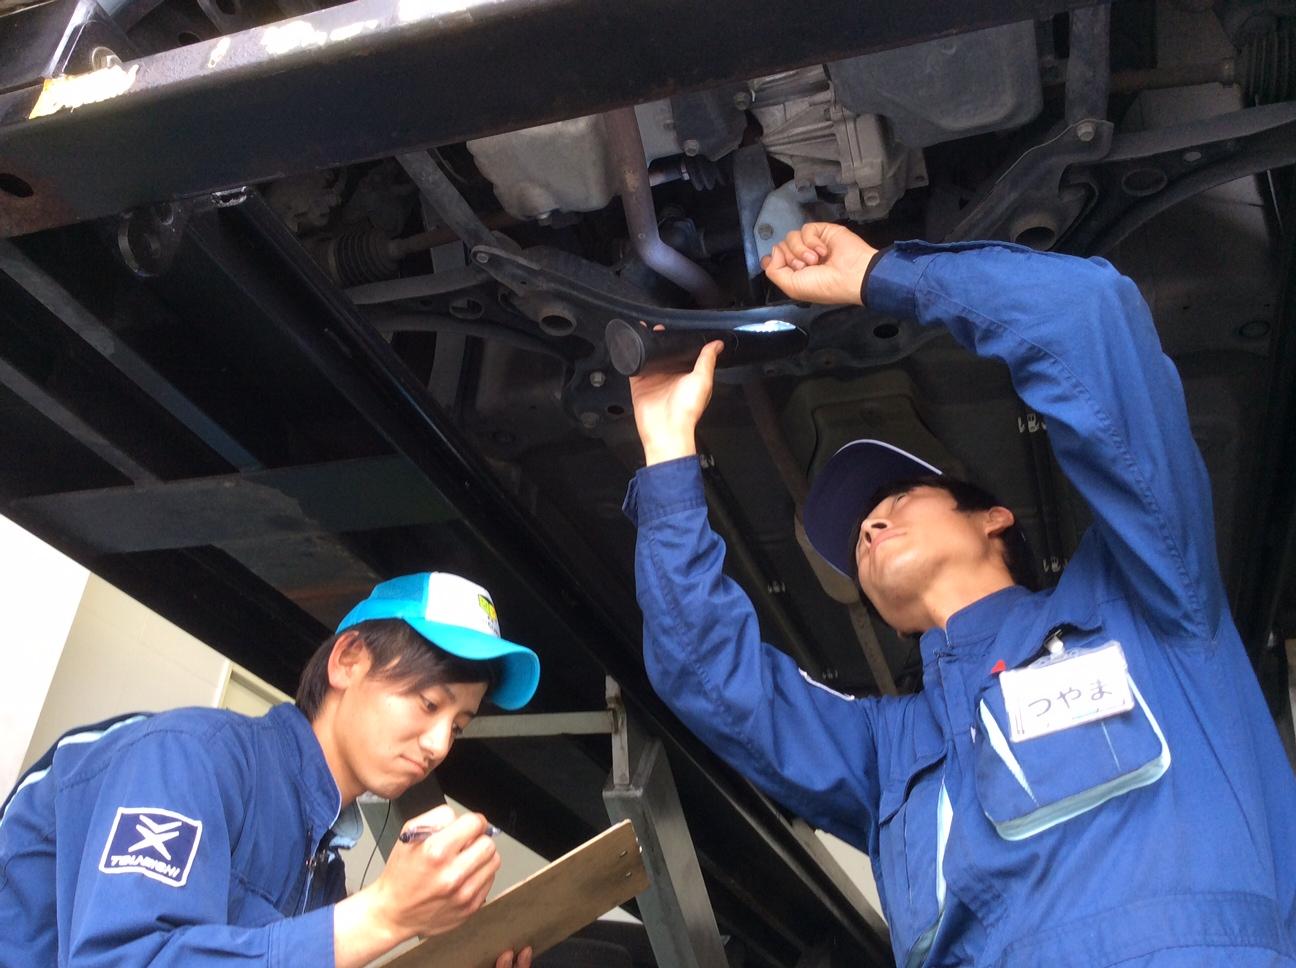 ツネイシCバリューズの2016年1月のおススメ商品は「車検&保険」